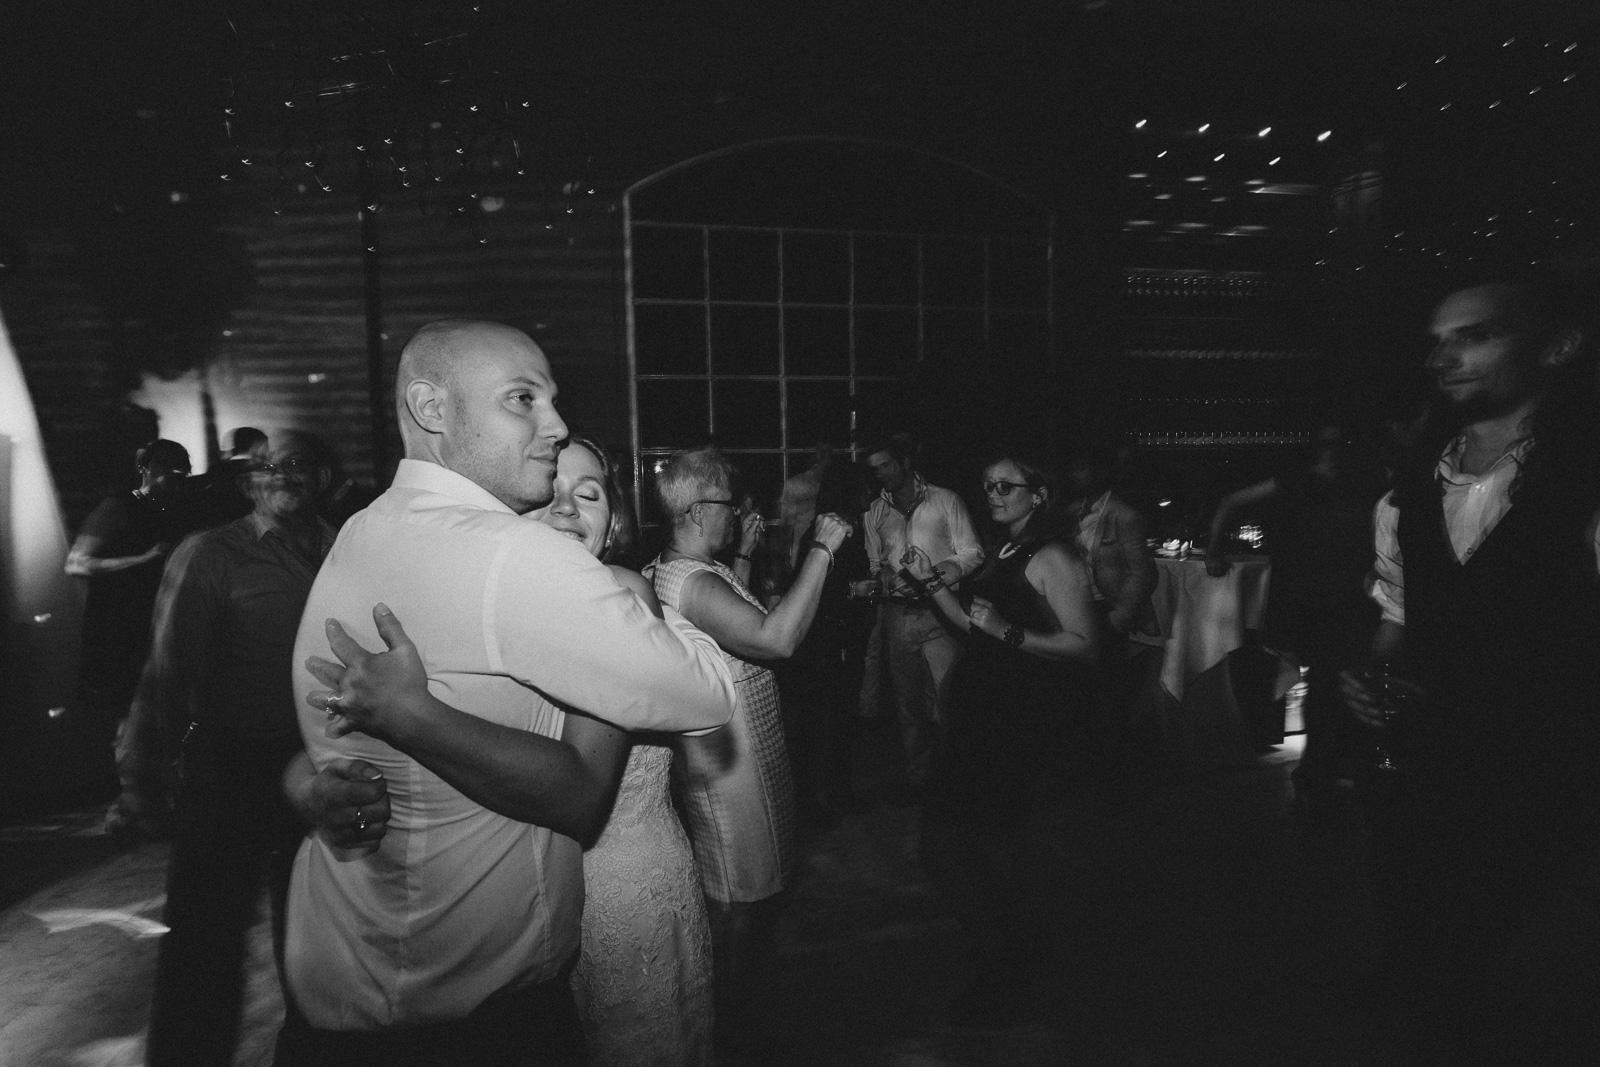 Evabloem_wedding_martine-en-jurriaan-39.jpg